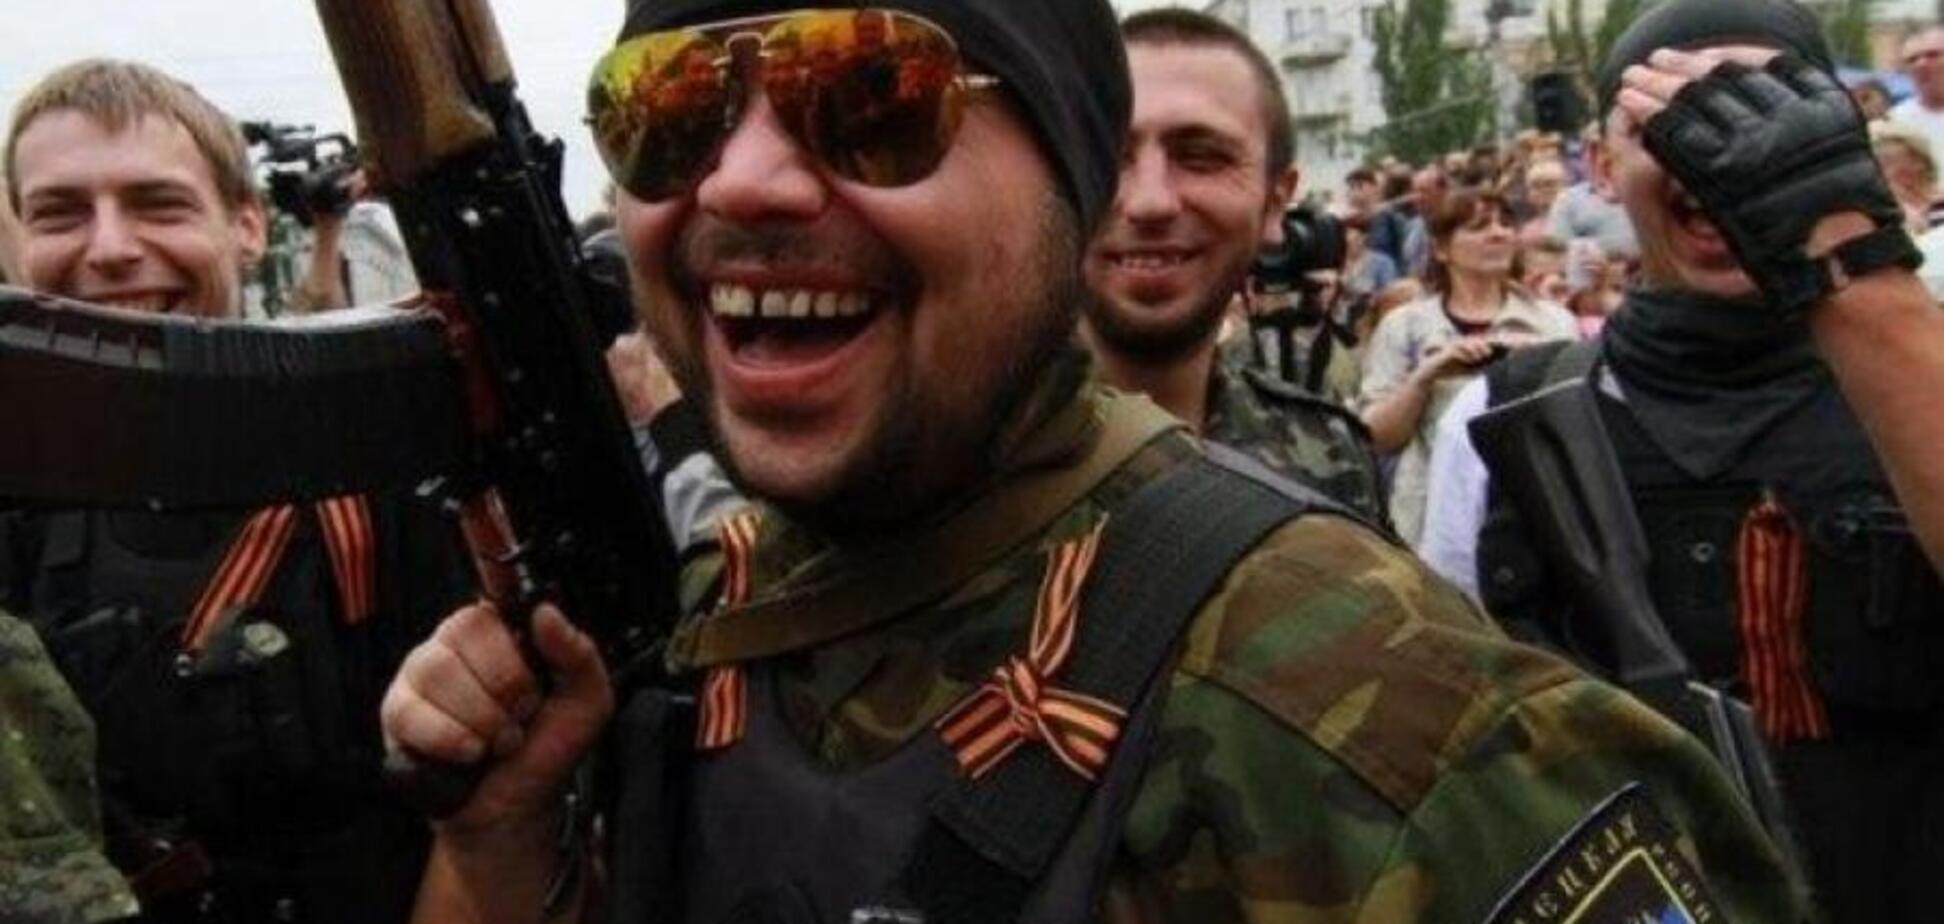 Україна відмовилася від амністії для терористів 'Л/ДНР'